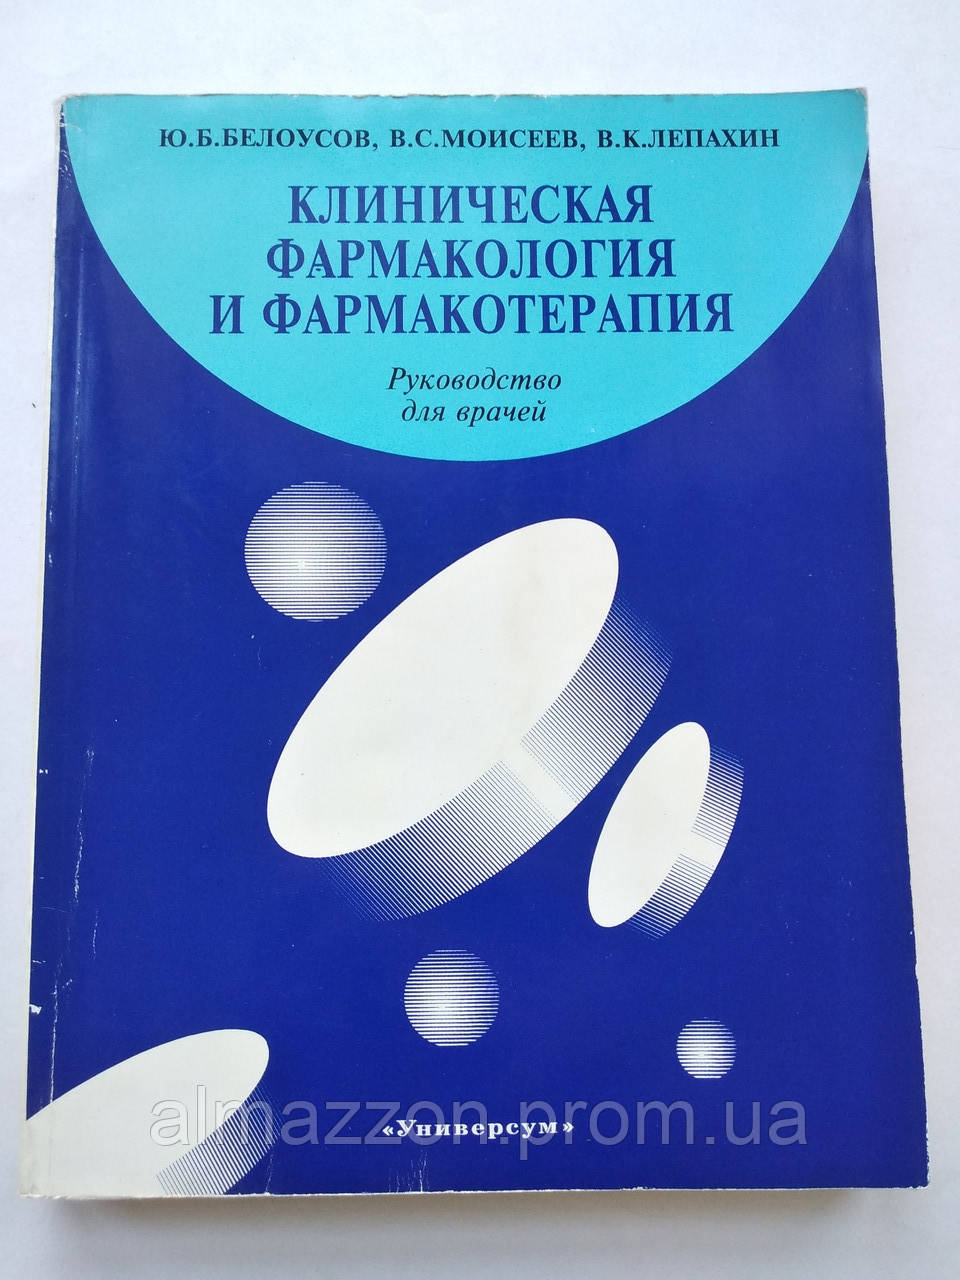 Белоусов Ю. Клиническая фармакология и фармакотерапия. Руководство для врачей